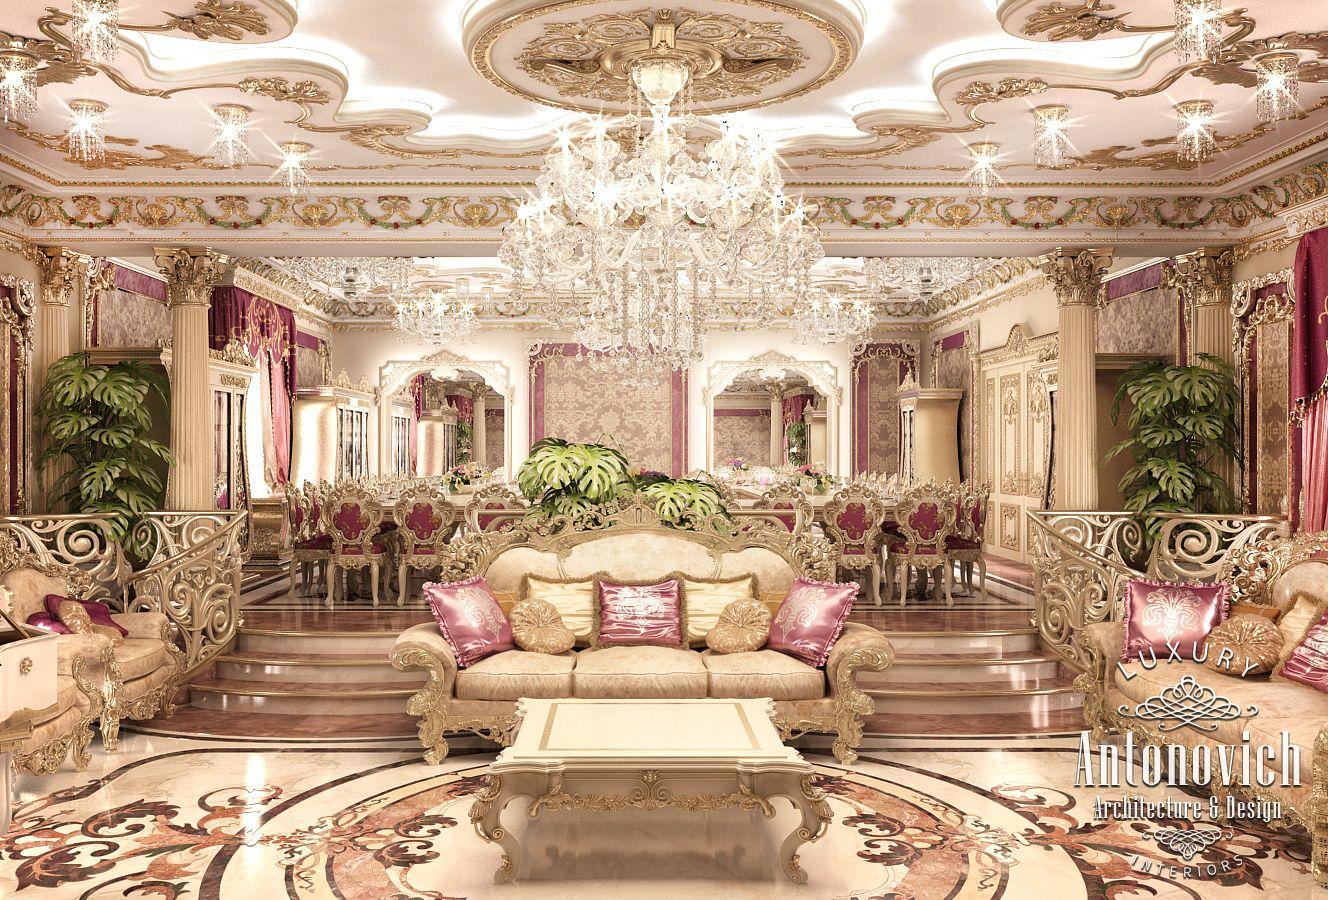 Luxury Antonovich Design Uae 2015